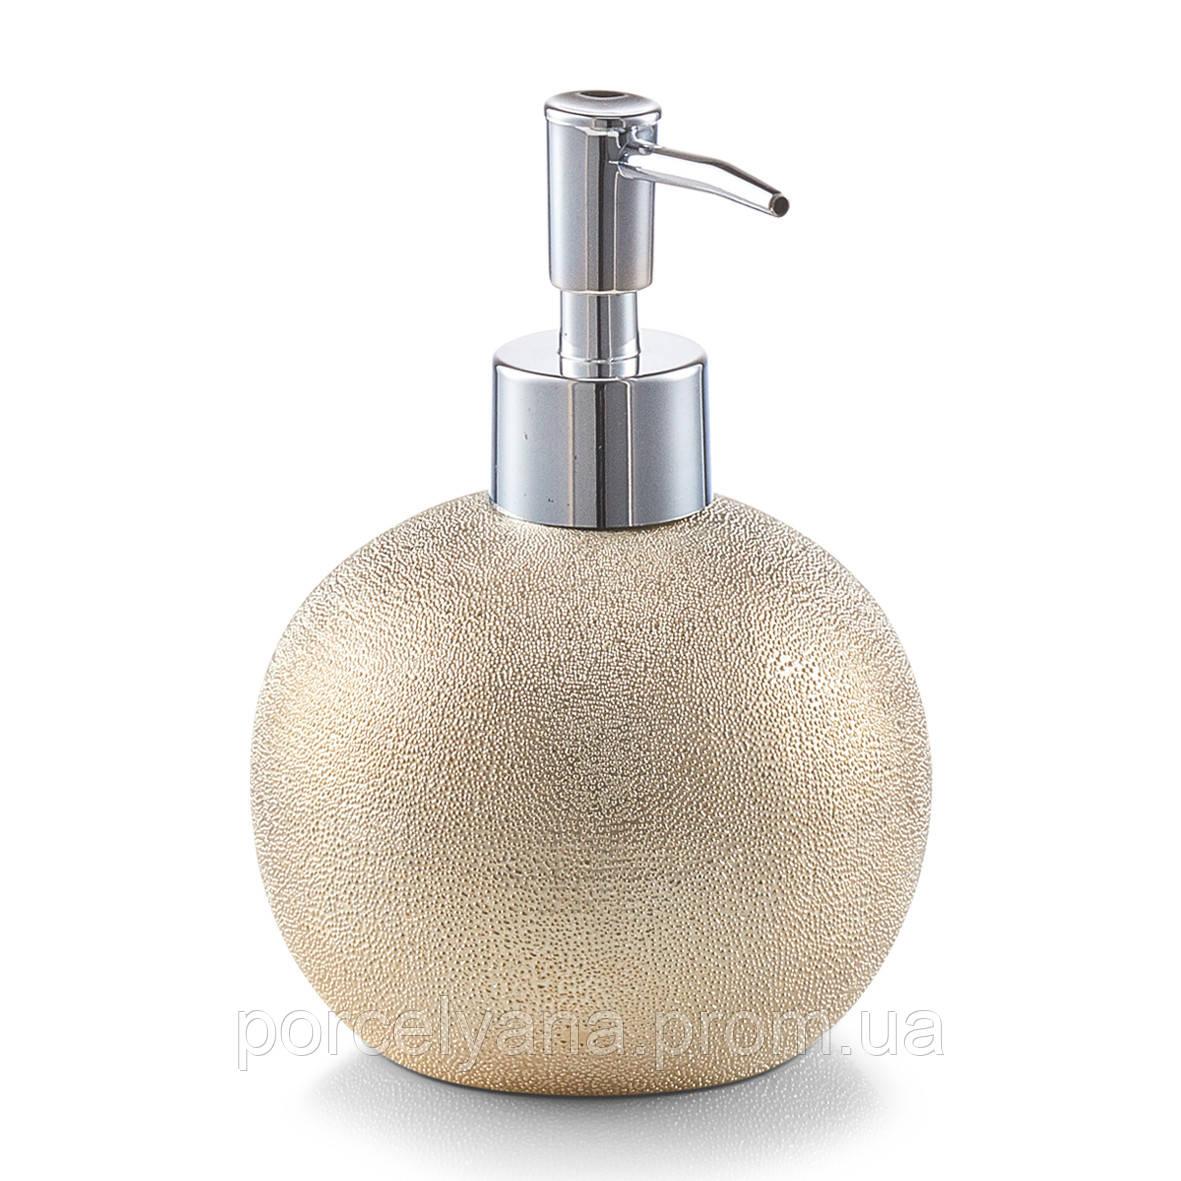 Диспенсер для жидкого мыла 15 см Zeller 18756